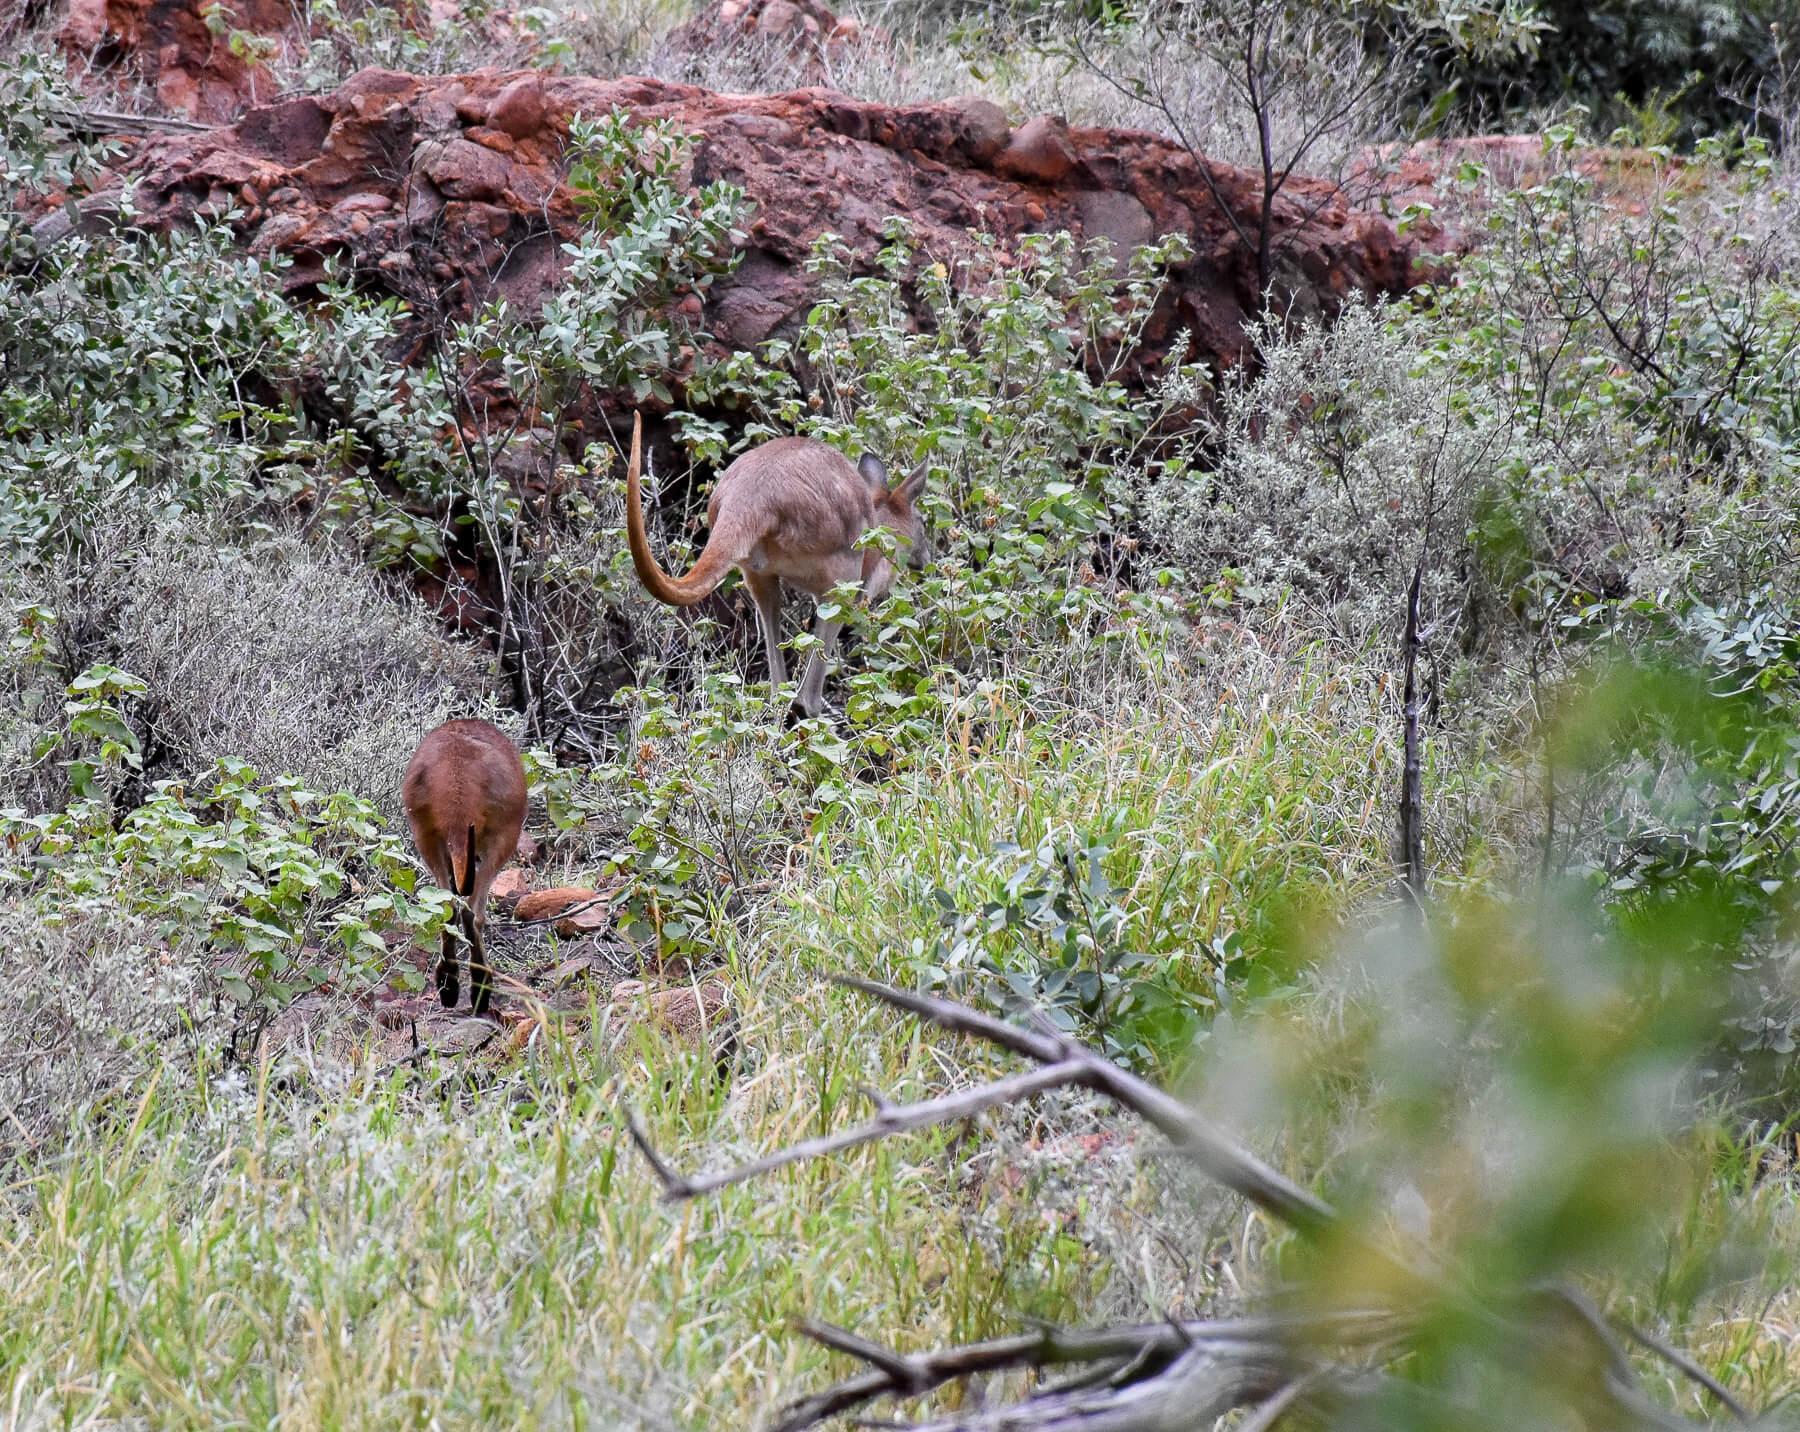 Mum and Baby Walaroo jumping into the bush